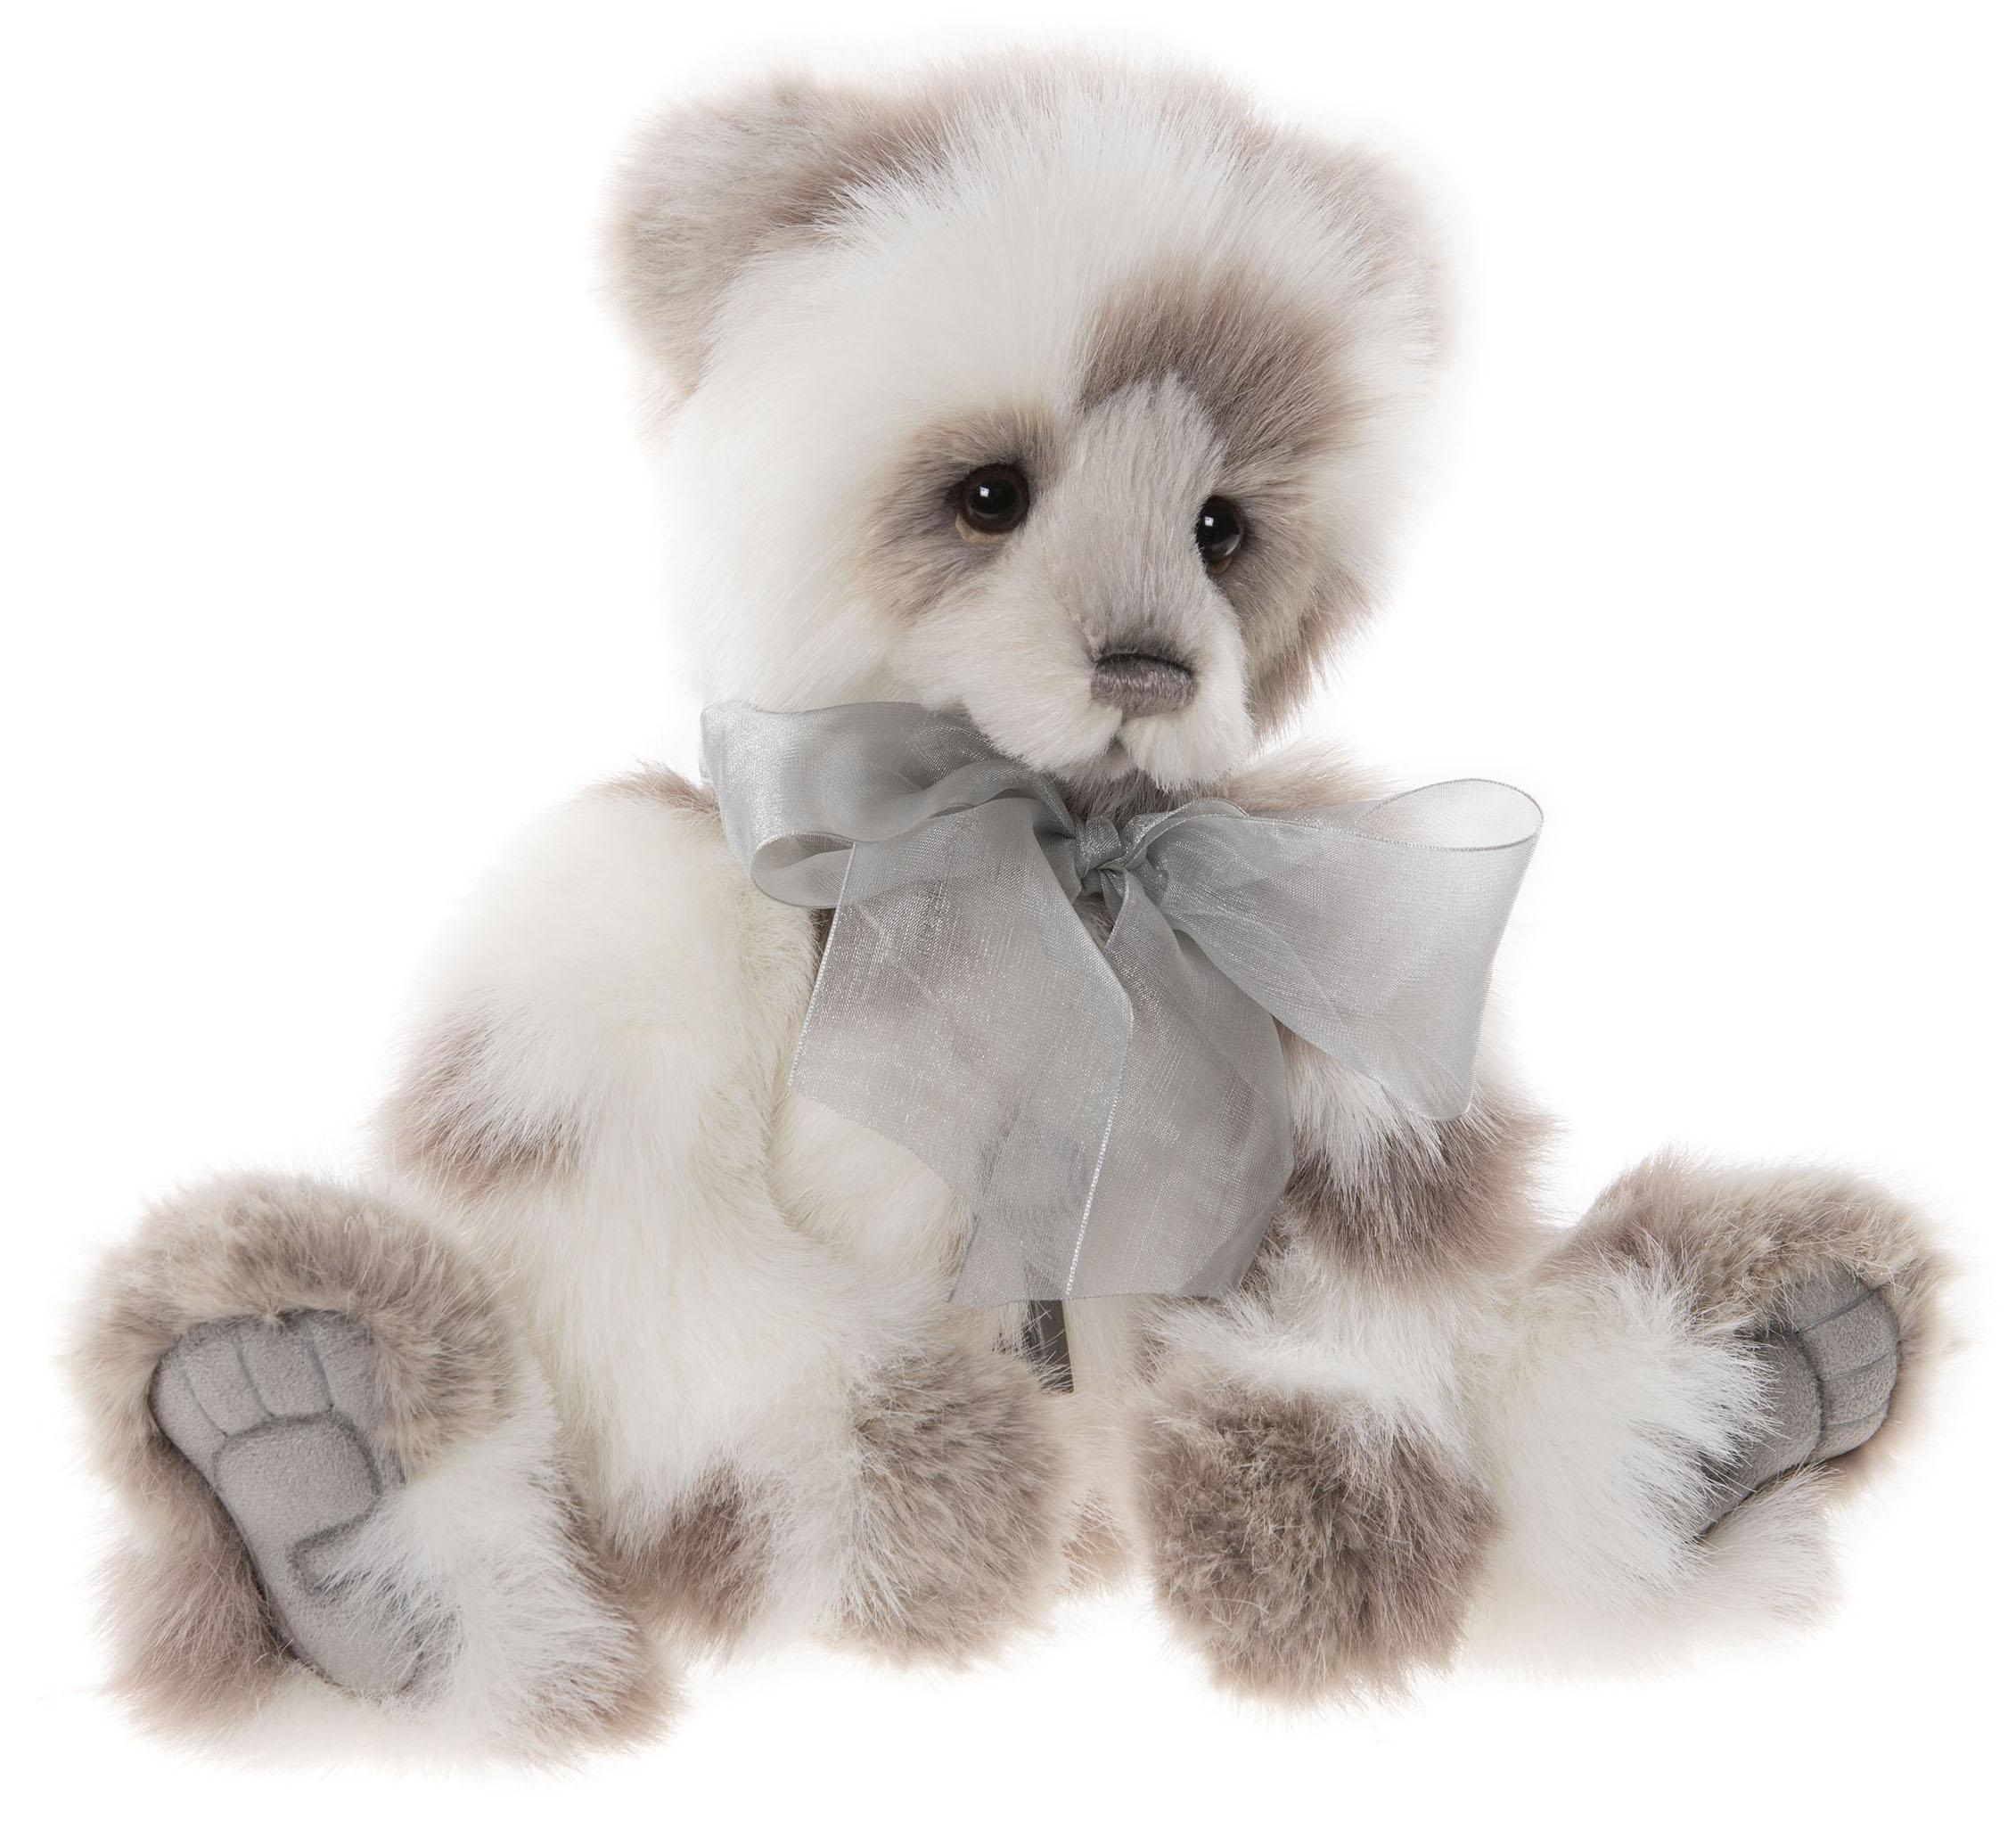 近年テディベア業界で大人気の英国メーカー 2021年最新入荷 Charlie Bears 市販 Mary チャーリーベアーズ Jane 安値